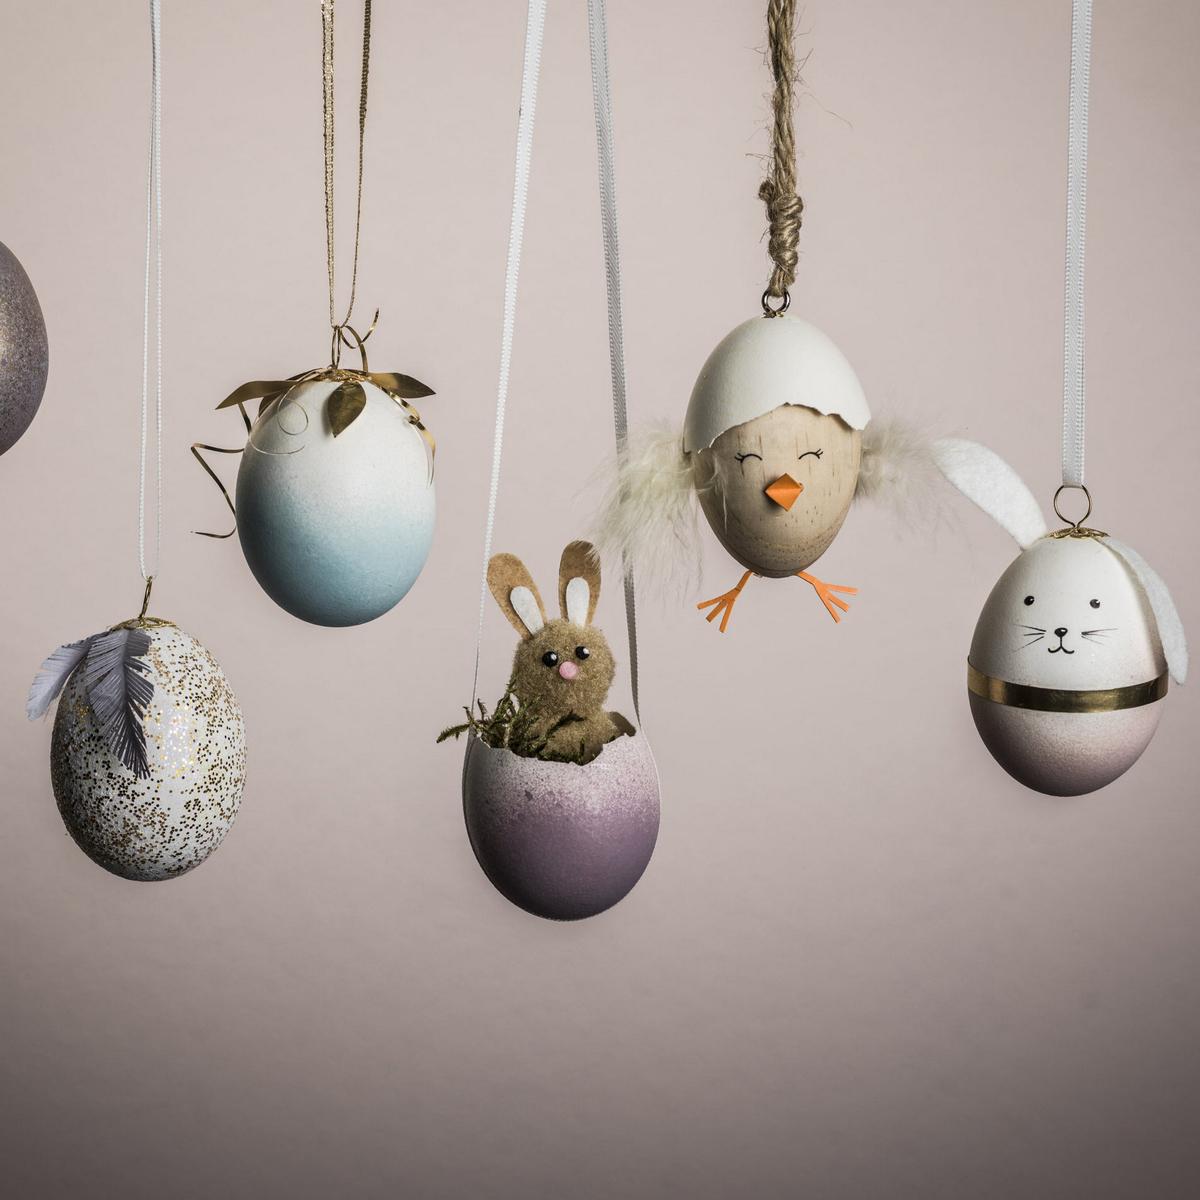 Heng opp eggene